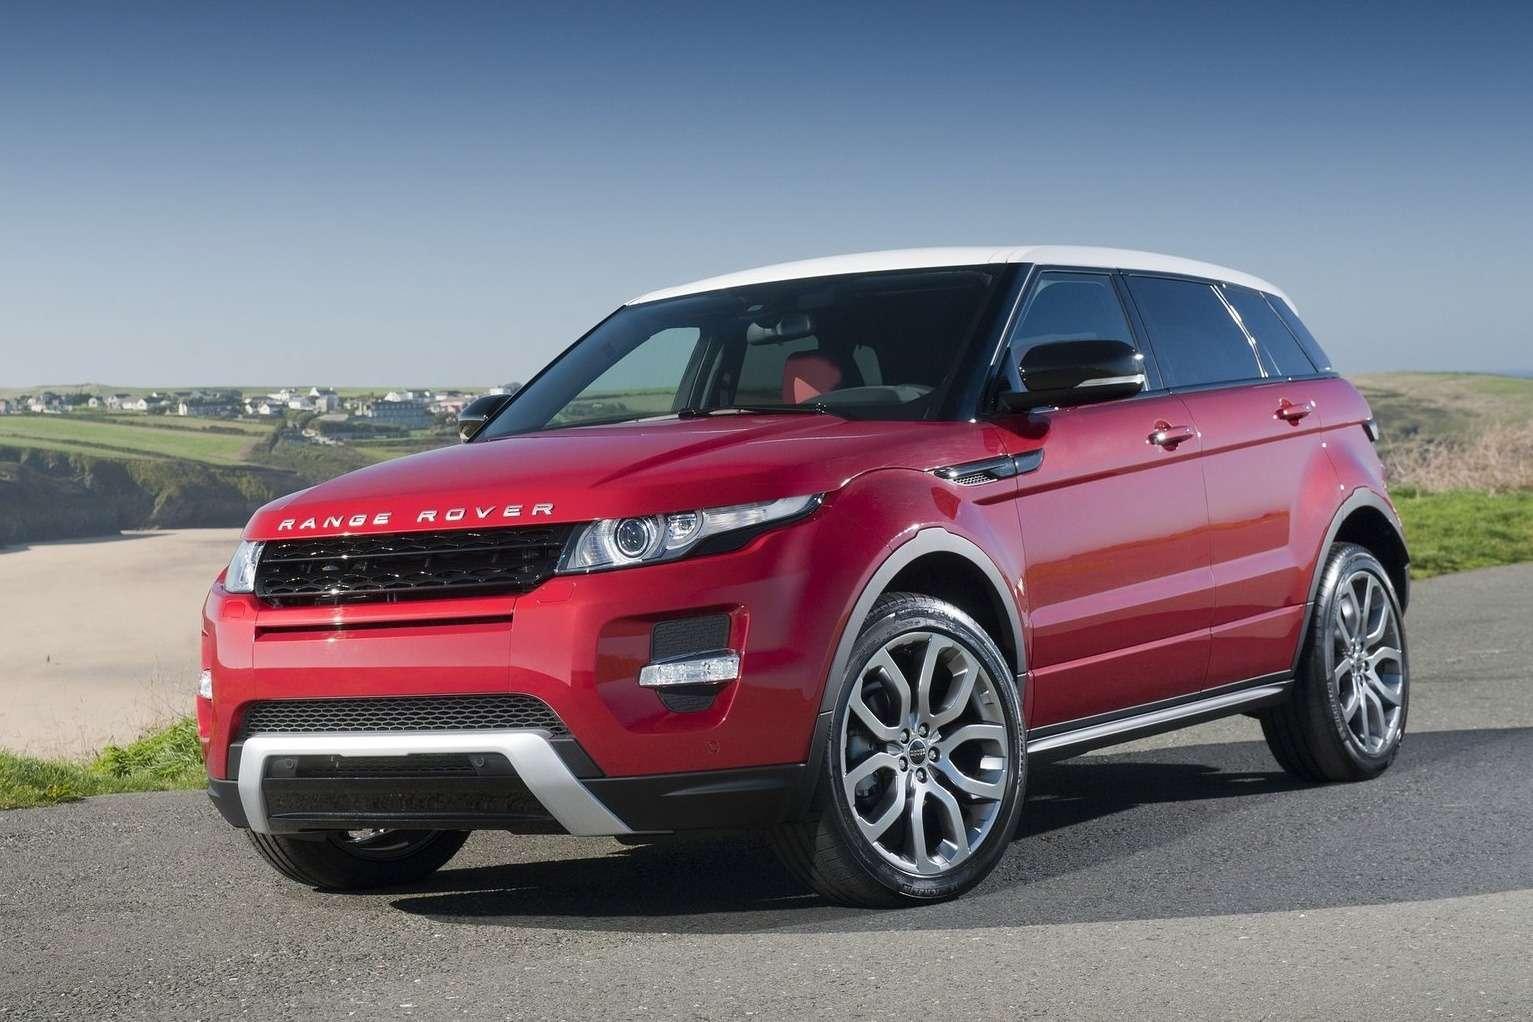 Land_Rover-Range_Rover_Evoque_5-door_2012_1600x1200_wallpaper_02д